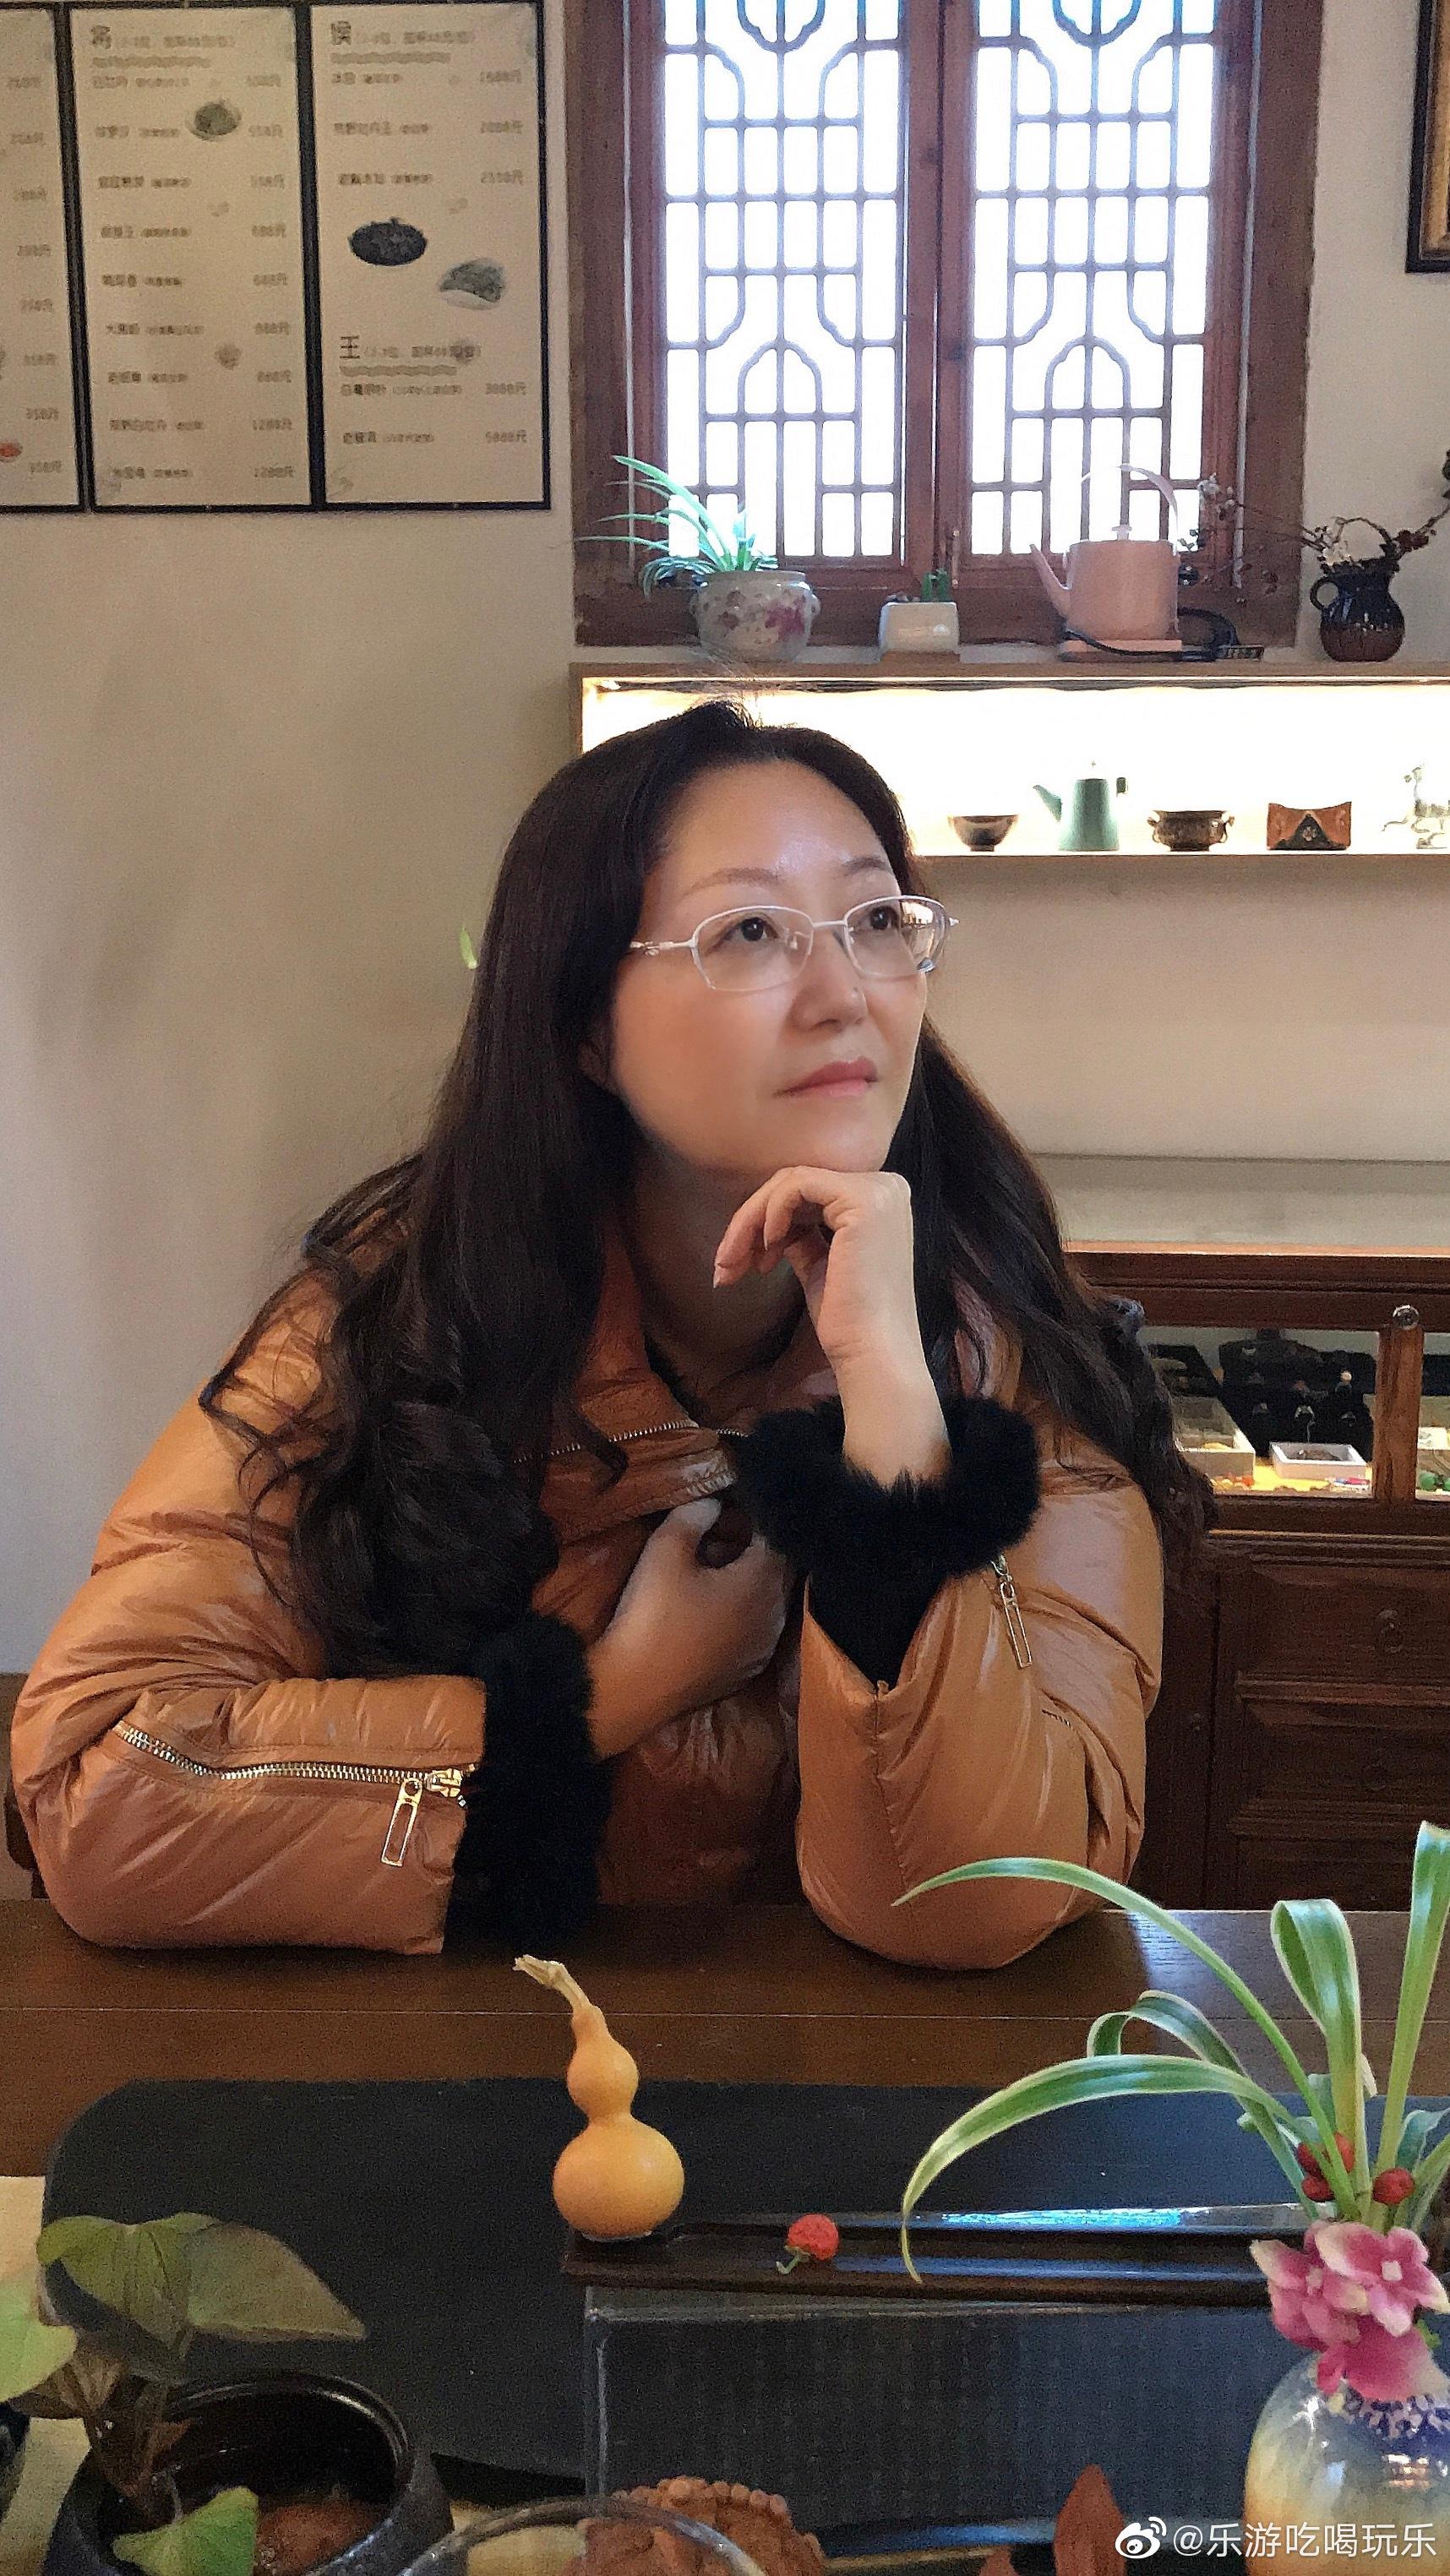 上海田子坊是里弄民居味道,弄堂里除了创意店铺和画廊、摄影展